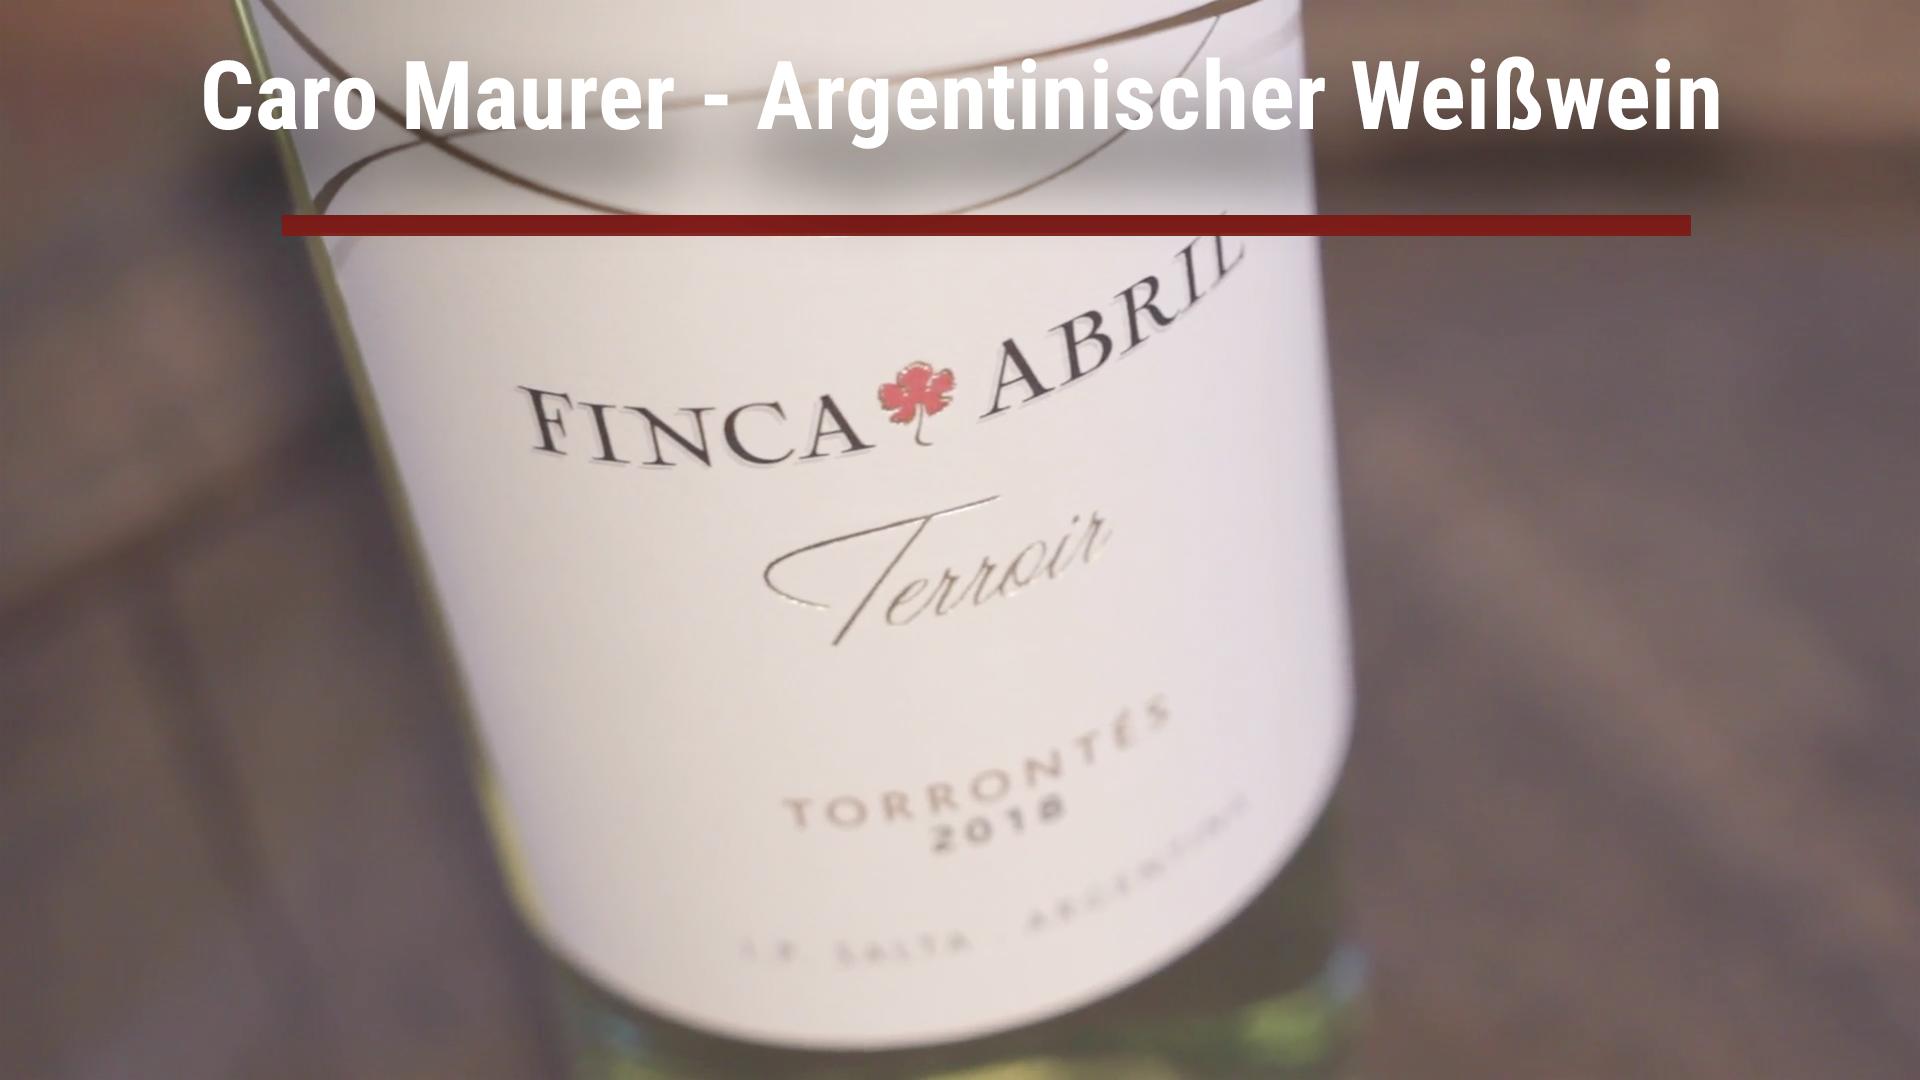 Caro Maurer – Argentinischer Weißwein